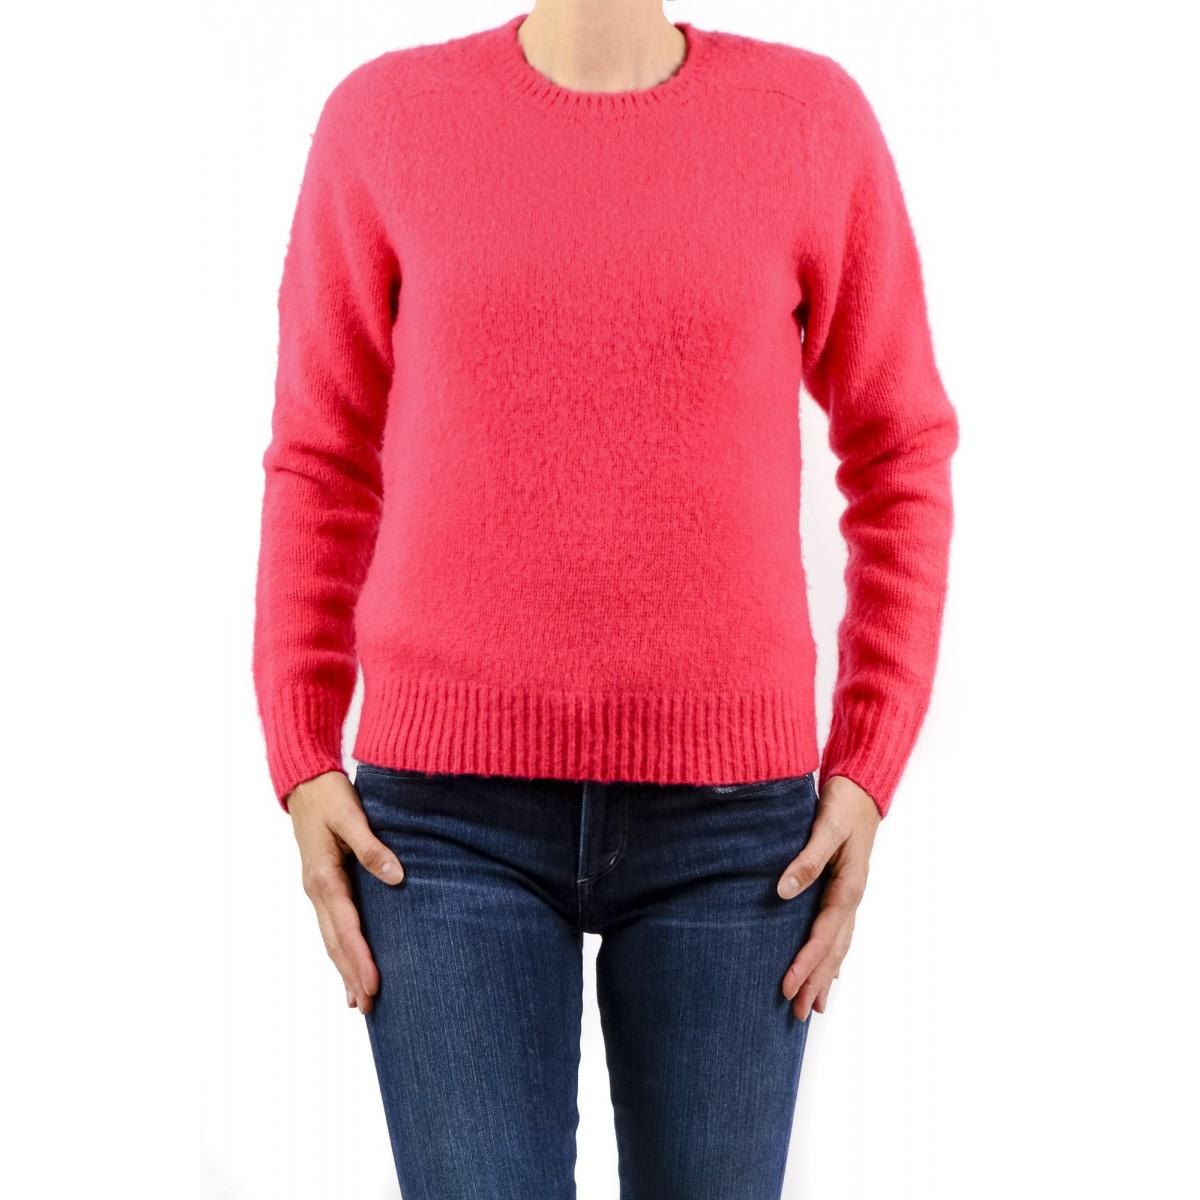 Jumper Ralph Lauren Woman - V39Iodorw9706 B6D13 - Coral